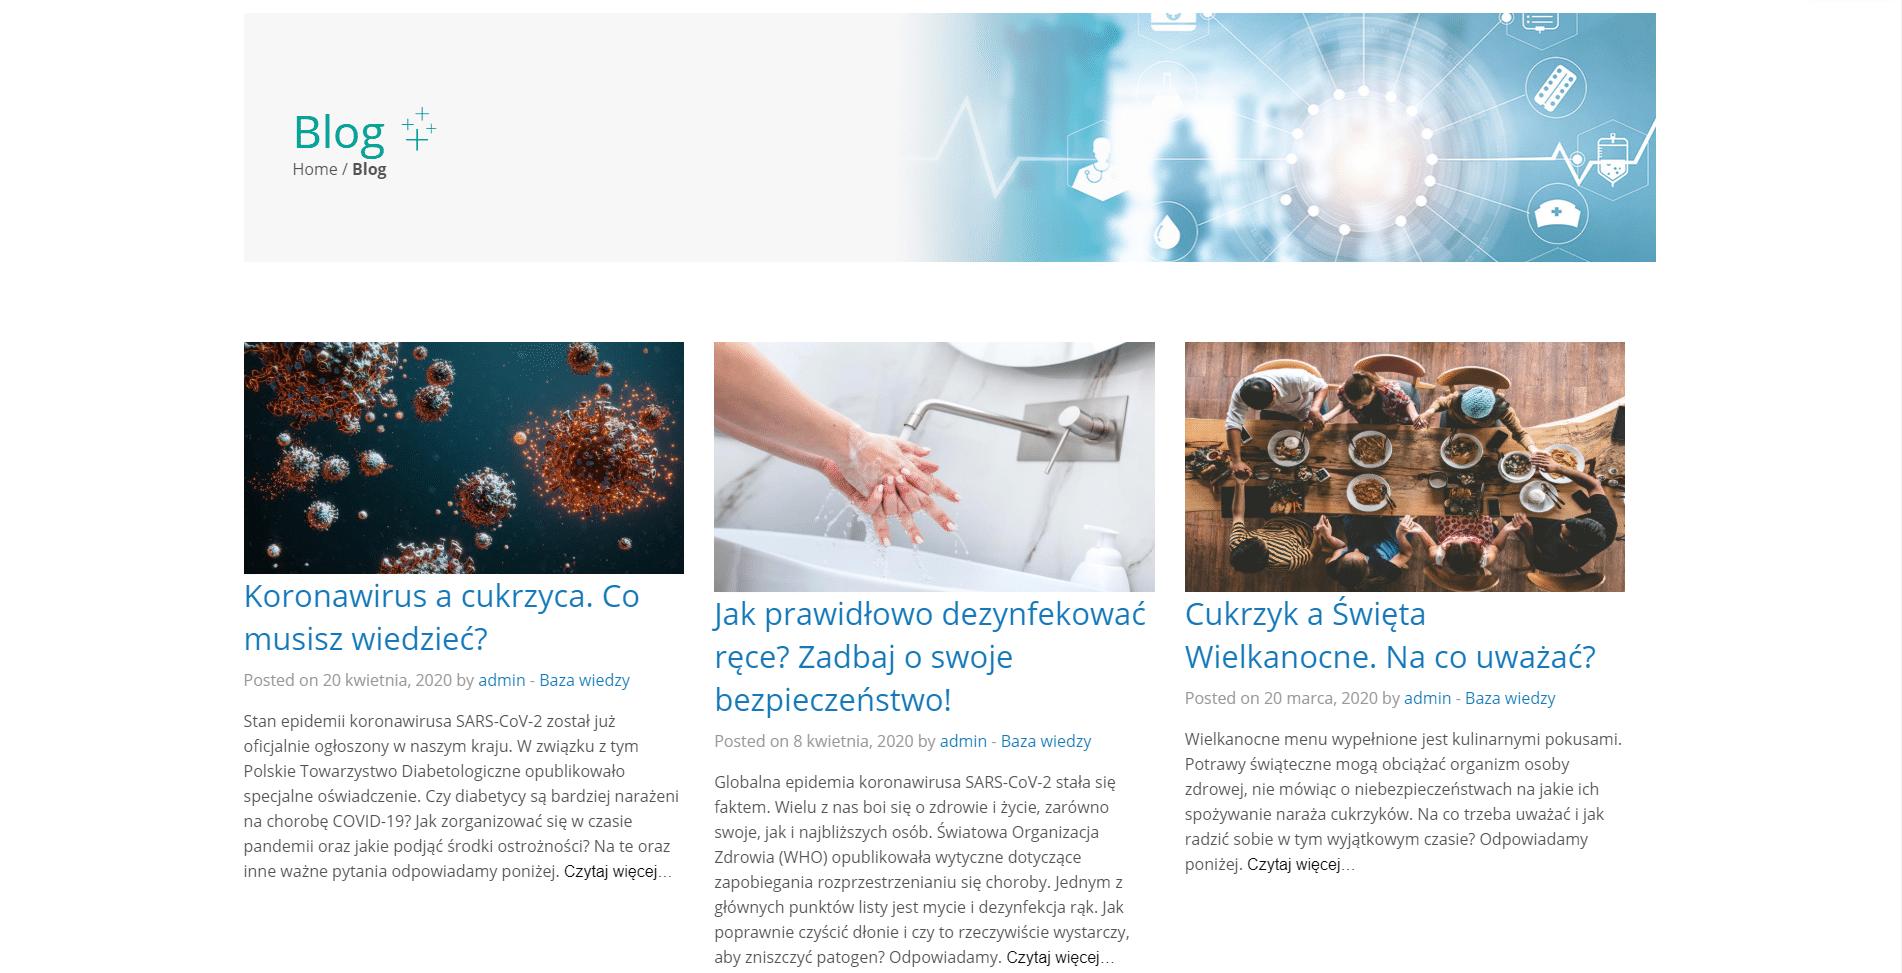 prowadź bloga poruszającego tematy medyczne